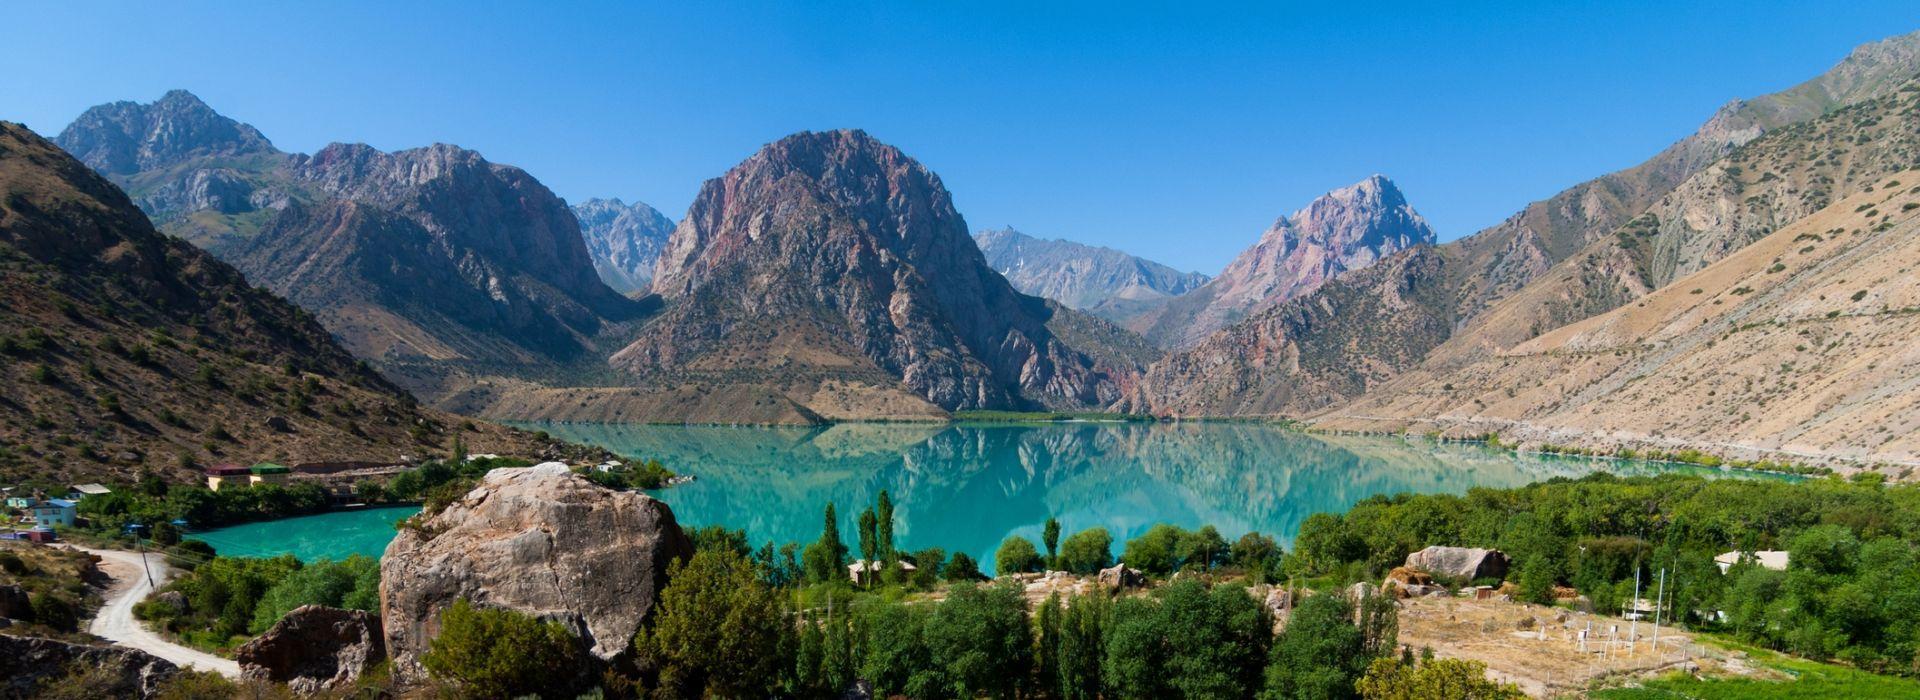 Dushanbe Tours